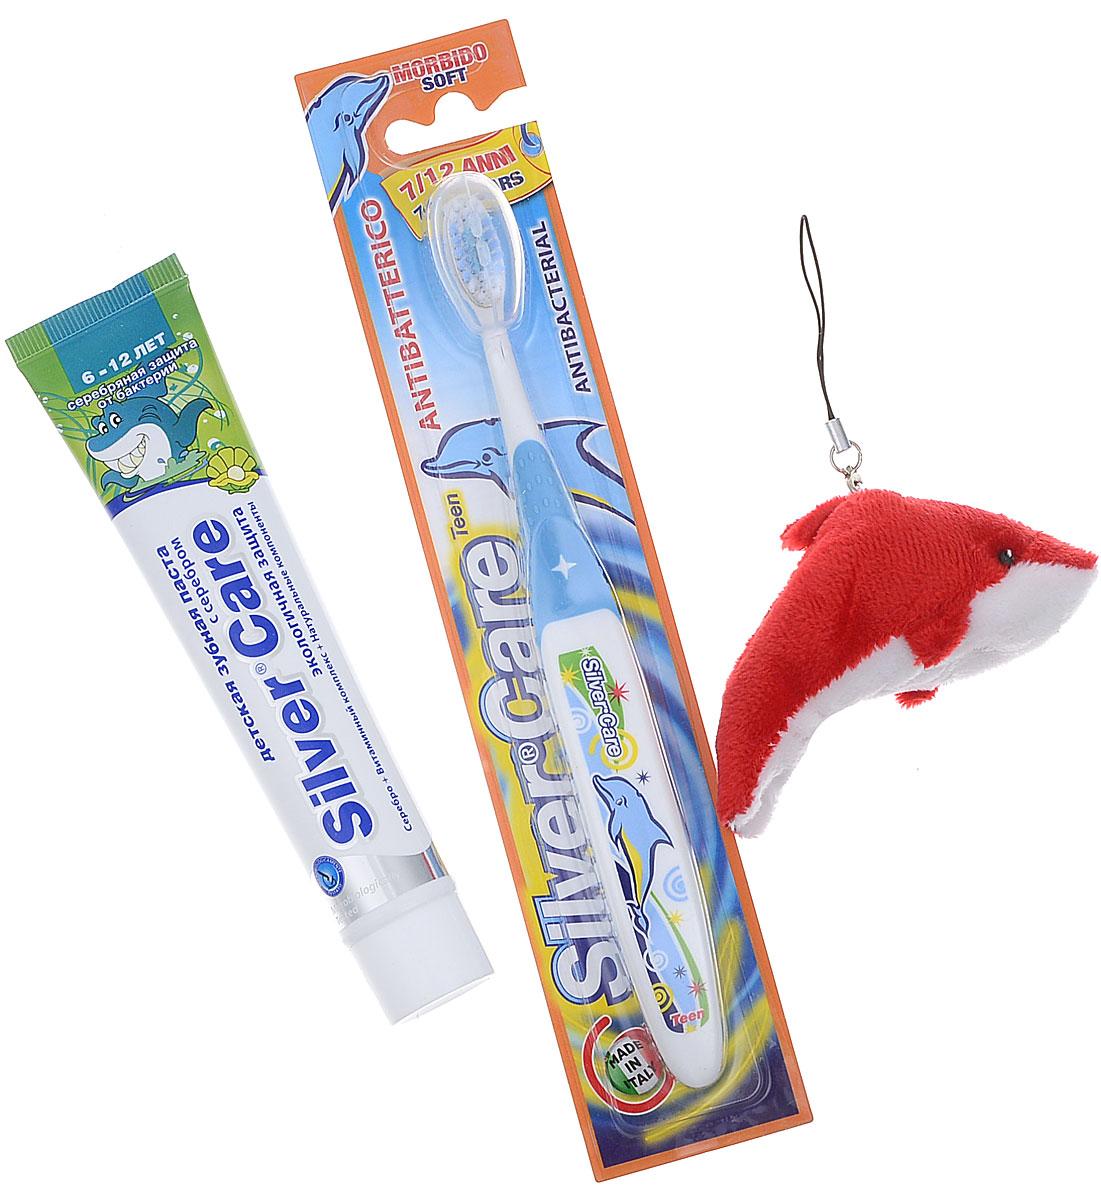 Silver Care Стоматологический набор для детей от 6 до 12 лет мятный микс цвет щетки голубой26140_голубойЕсть такое хорошее английское выражение: родился с серебряной ложечкой во рту.И означает оно, что малыш появился на свет везучим и все у него сложится. Так пусть же ваши дети начинают и заканчивают день, заряжаясь положительной энергией и при этом избавляясь от всех бактерий в полости рта. Такую возможность дарит производитель детских зубных паст и щеток Silver Care. Компания одна из первых запатентовала такую новинку, как щетка с серебряным покрытием. Эффективность напыления была подтверждена исследованиями, проведенными в Миланском университете. Специалисты доказали: драгоценный металл на поверхности зубной щетки убивает бактерии, вызывающие кариес, заболевания и воспаления десен. Доказанная антибактериальная активность серебра стала основанием для создания зубных паст на основе серебра.Silver Care стоматологический набор для детей от 6 до 12 лет.В комплект входит: - антибактериальная зубная щетка Silver Care с 7 до 12 лет;- зубная паста Silver Care с серебром от 6 до 12 лет с приятным мятным вкусом;- мягкая игрушка. Теперь повседневная чистка зубов превратится в увлекательный и познавательный процесс!УВАЖАЕМЫЕ КЛИЕНТЫ!Обращаем ваше внимание на возможные изменения в цветовом дизайне,связанные с ассортиментом продукции. Поставка осуществляется взависимостиот наличия на складе.